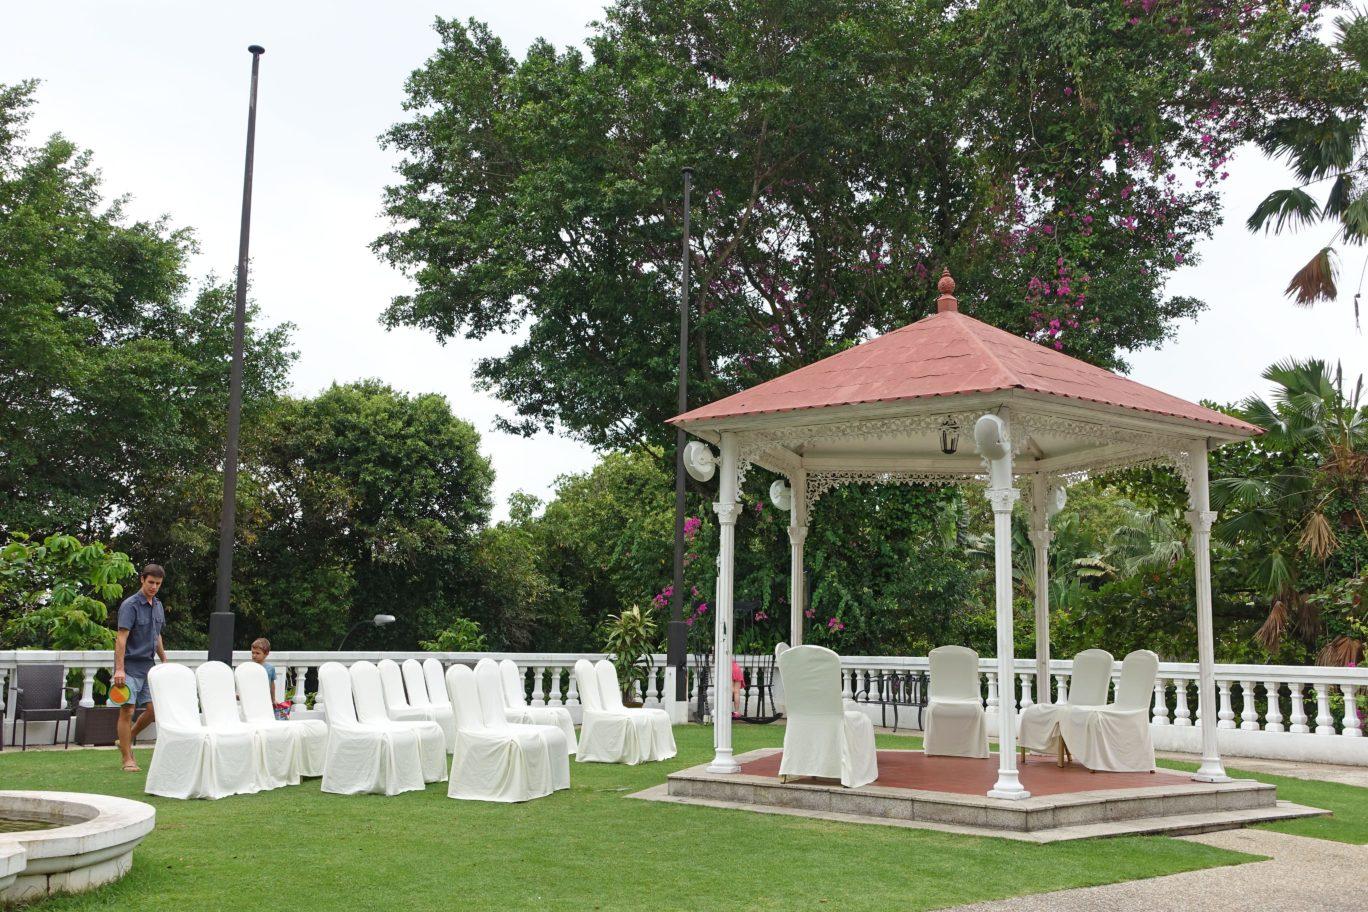 alkaff mansion ristorante outdoor venue for wedding